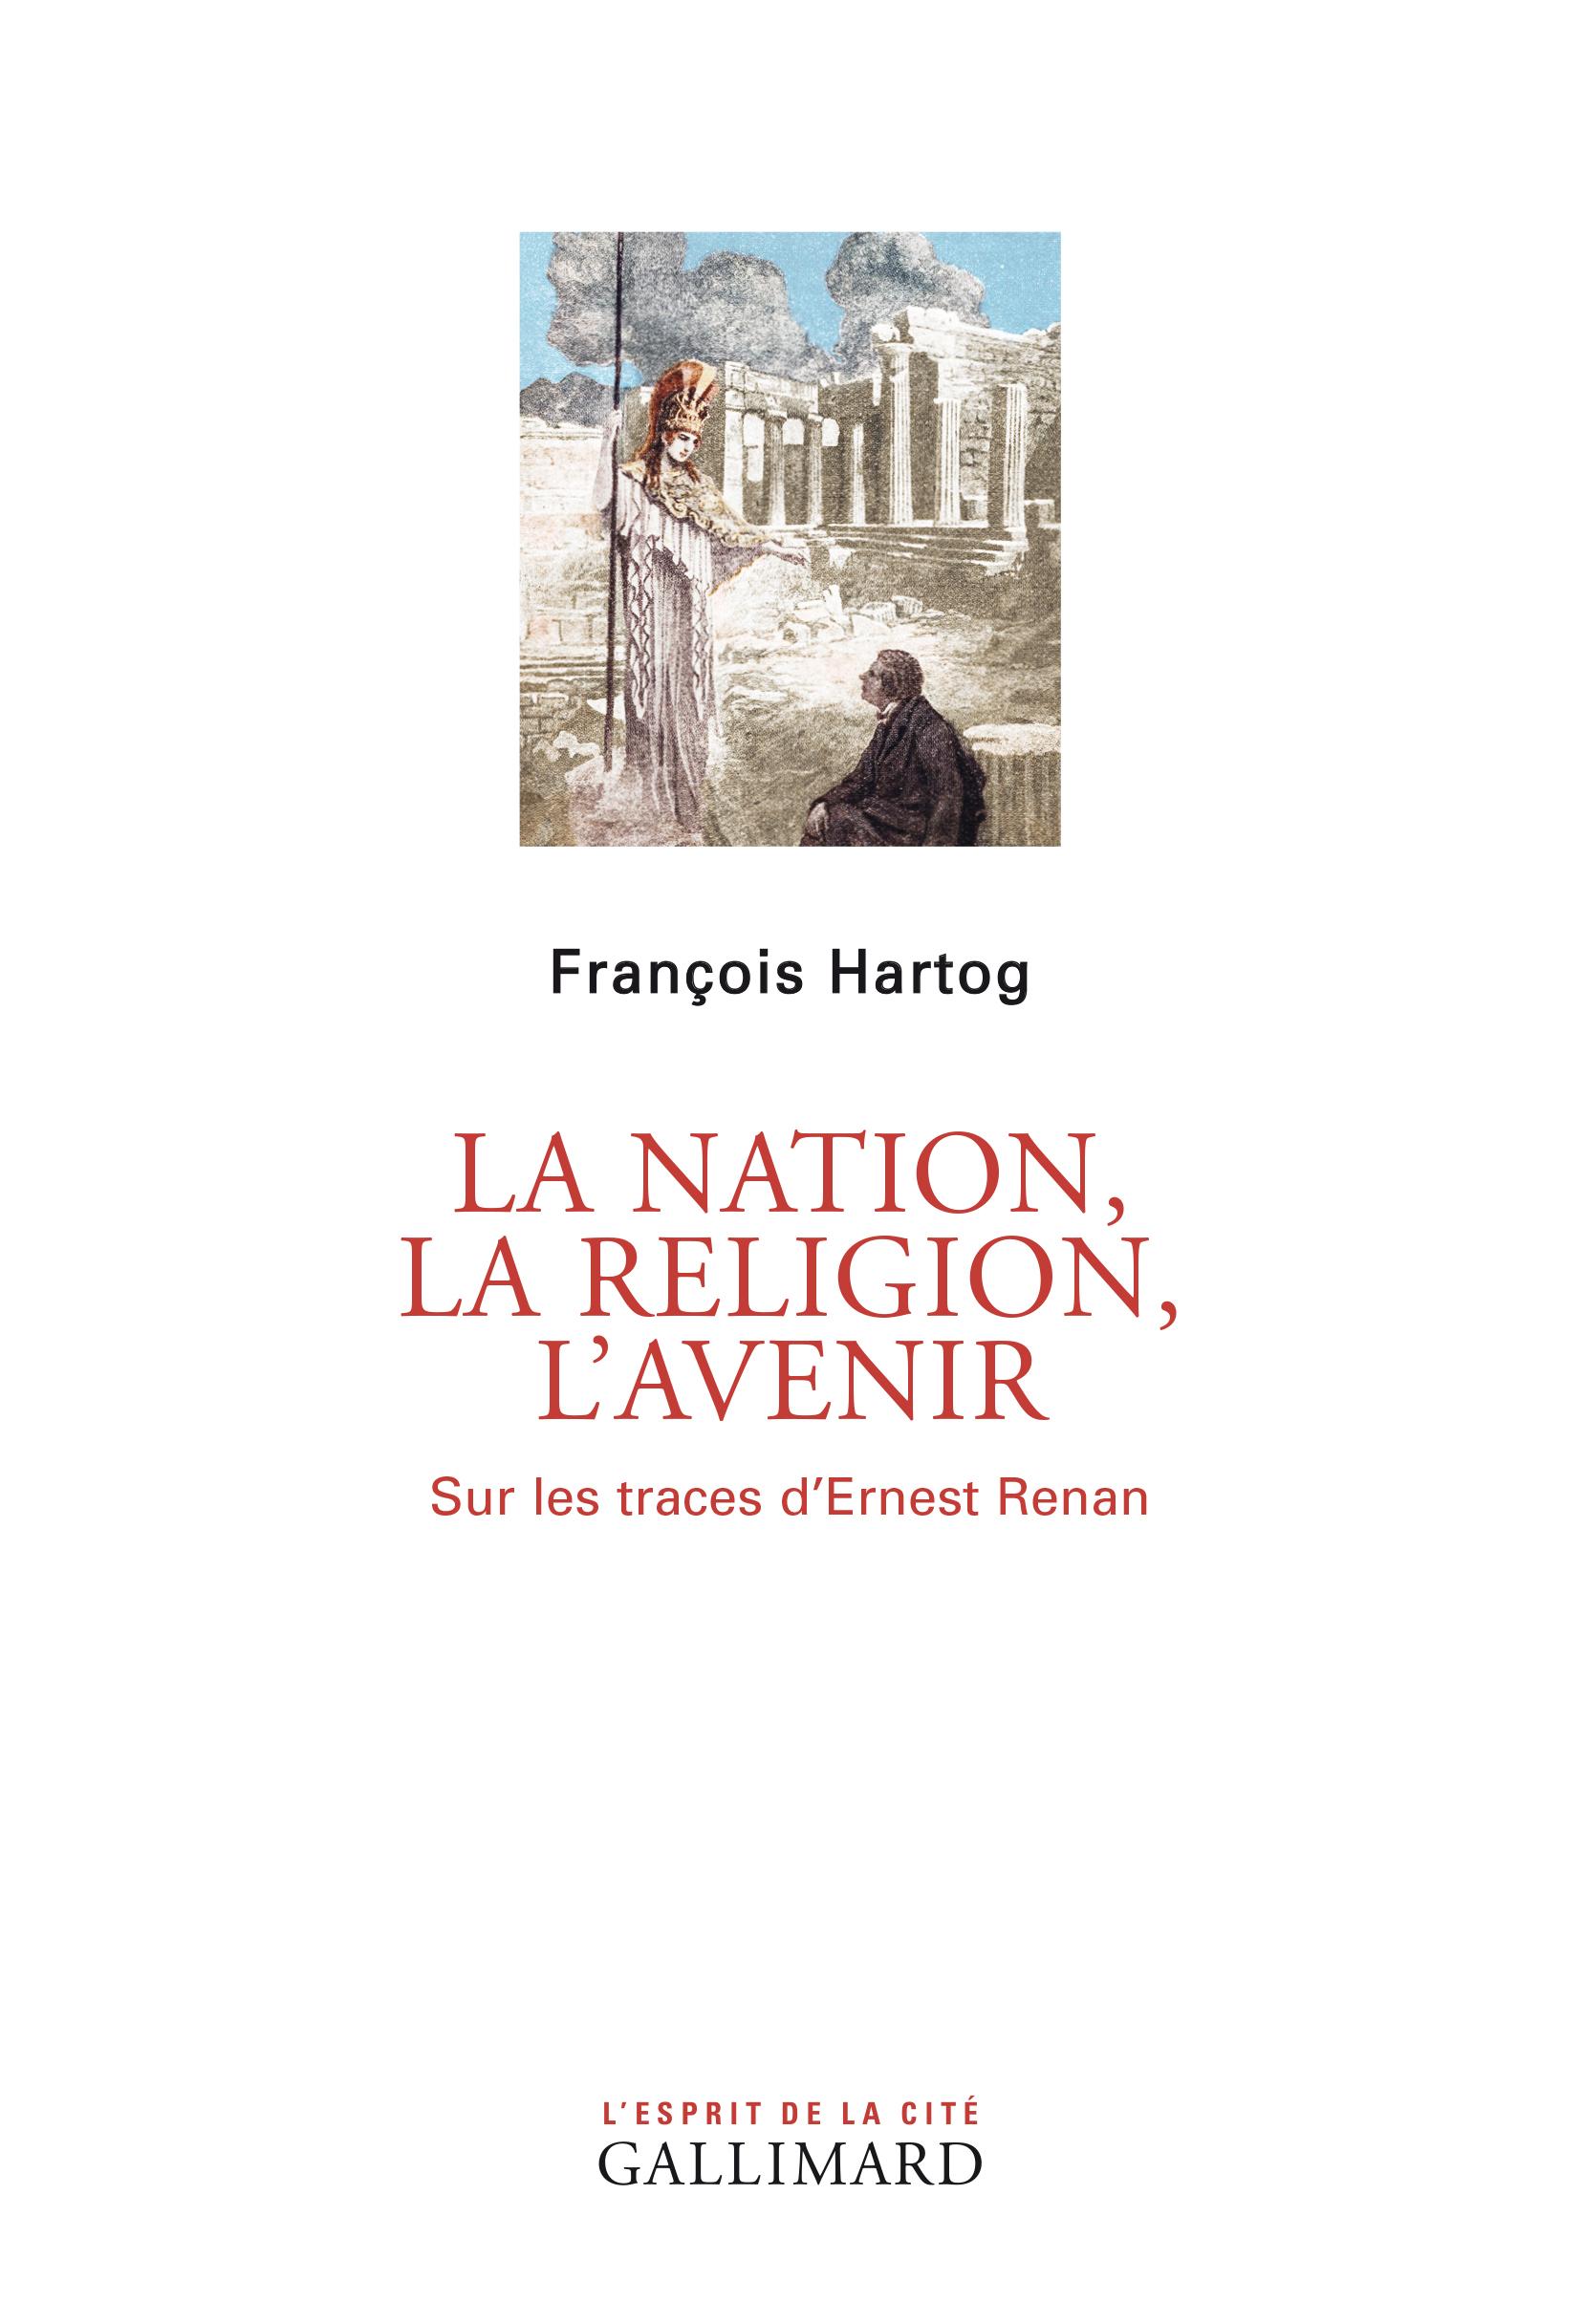 La Nation, la religion, l'avenir. Sur les traces d'Ernest Renan